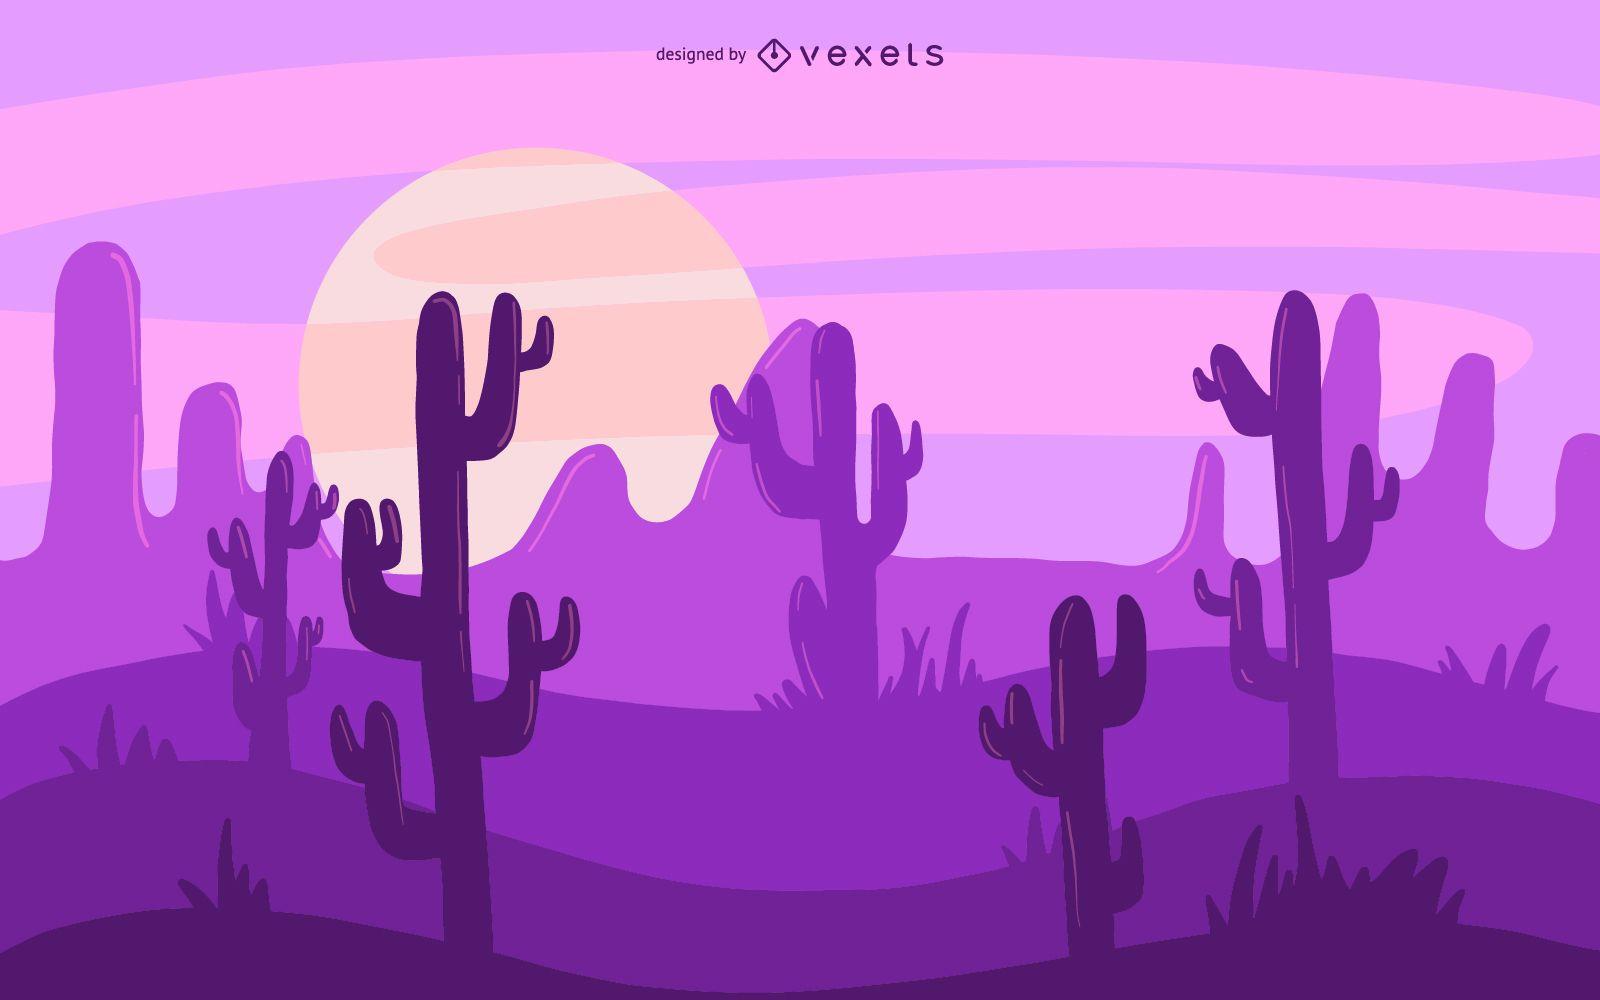 Ilustraci?n de cactus del desierto